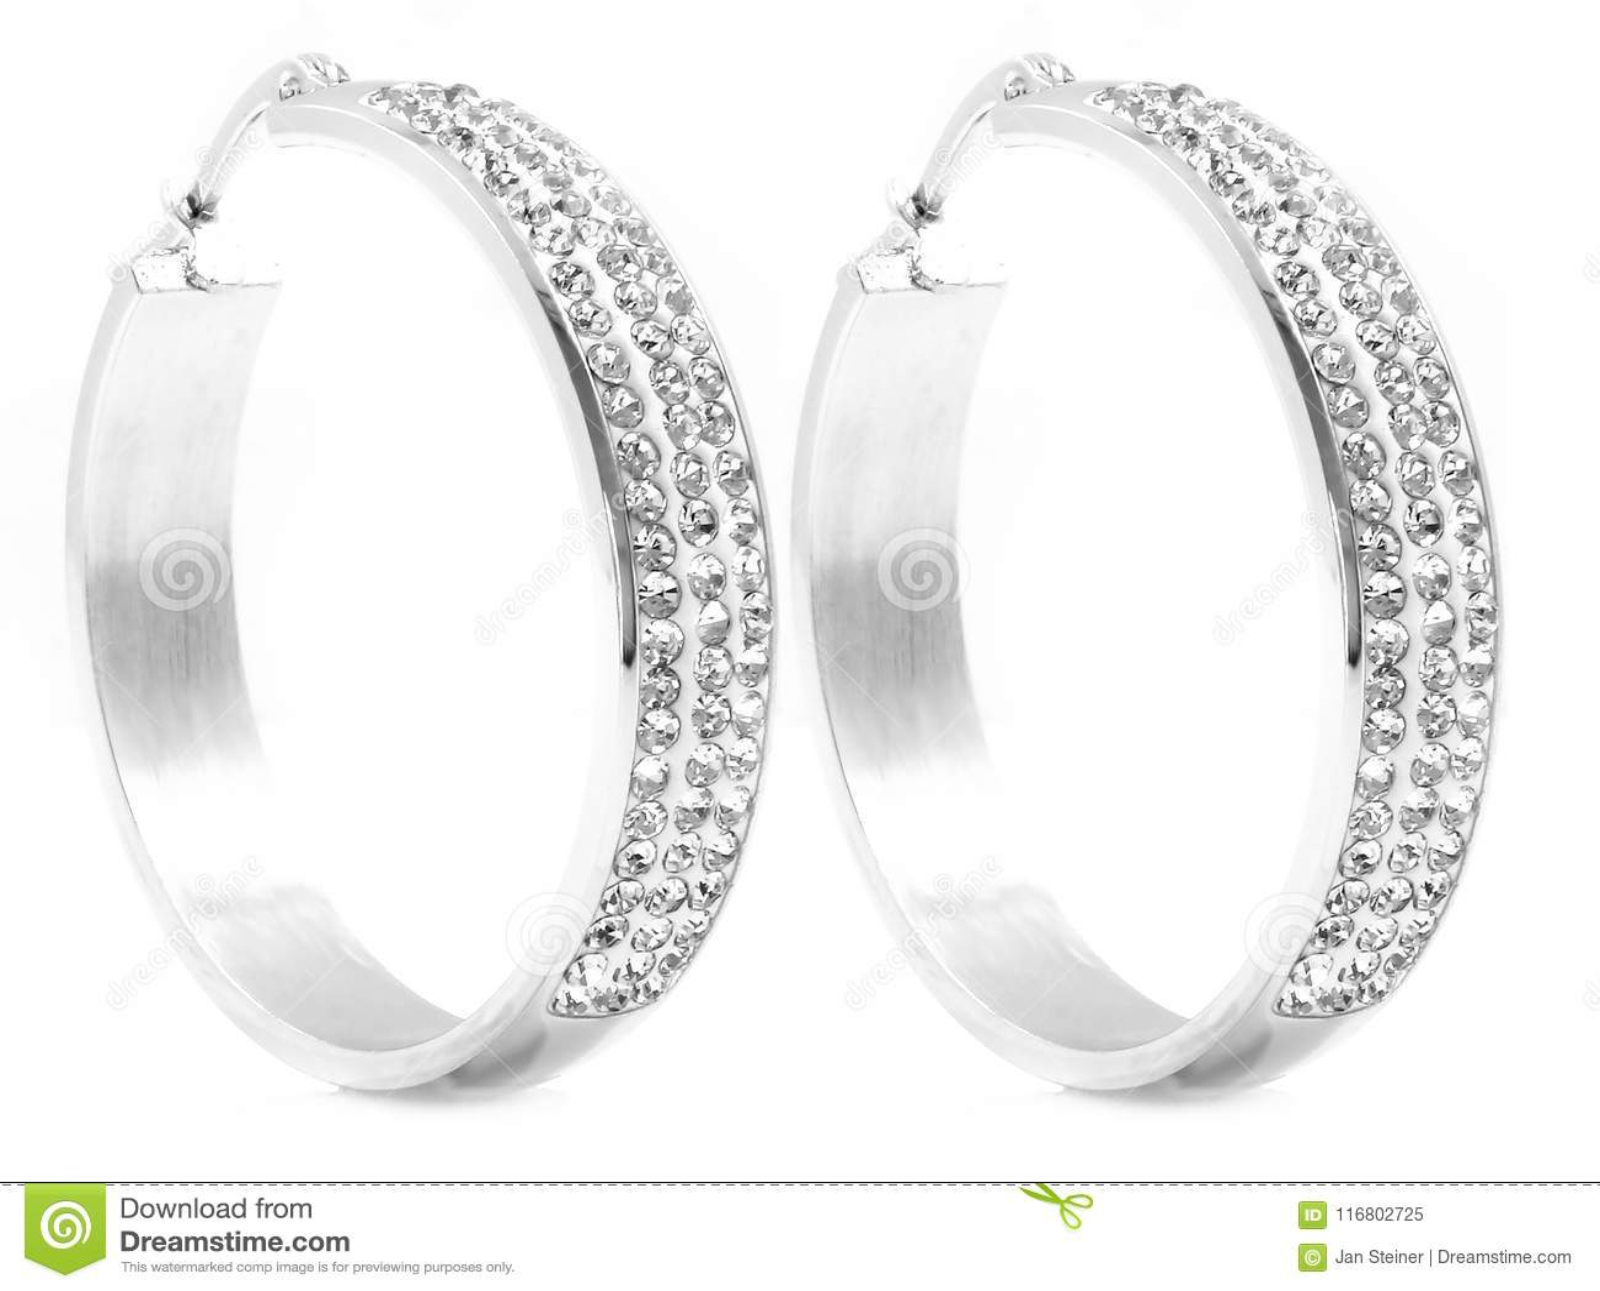 Orecchini - gioielli per le donne - acciaio inossidabile